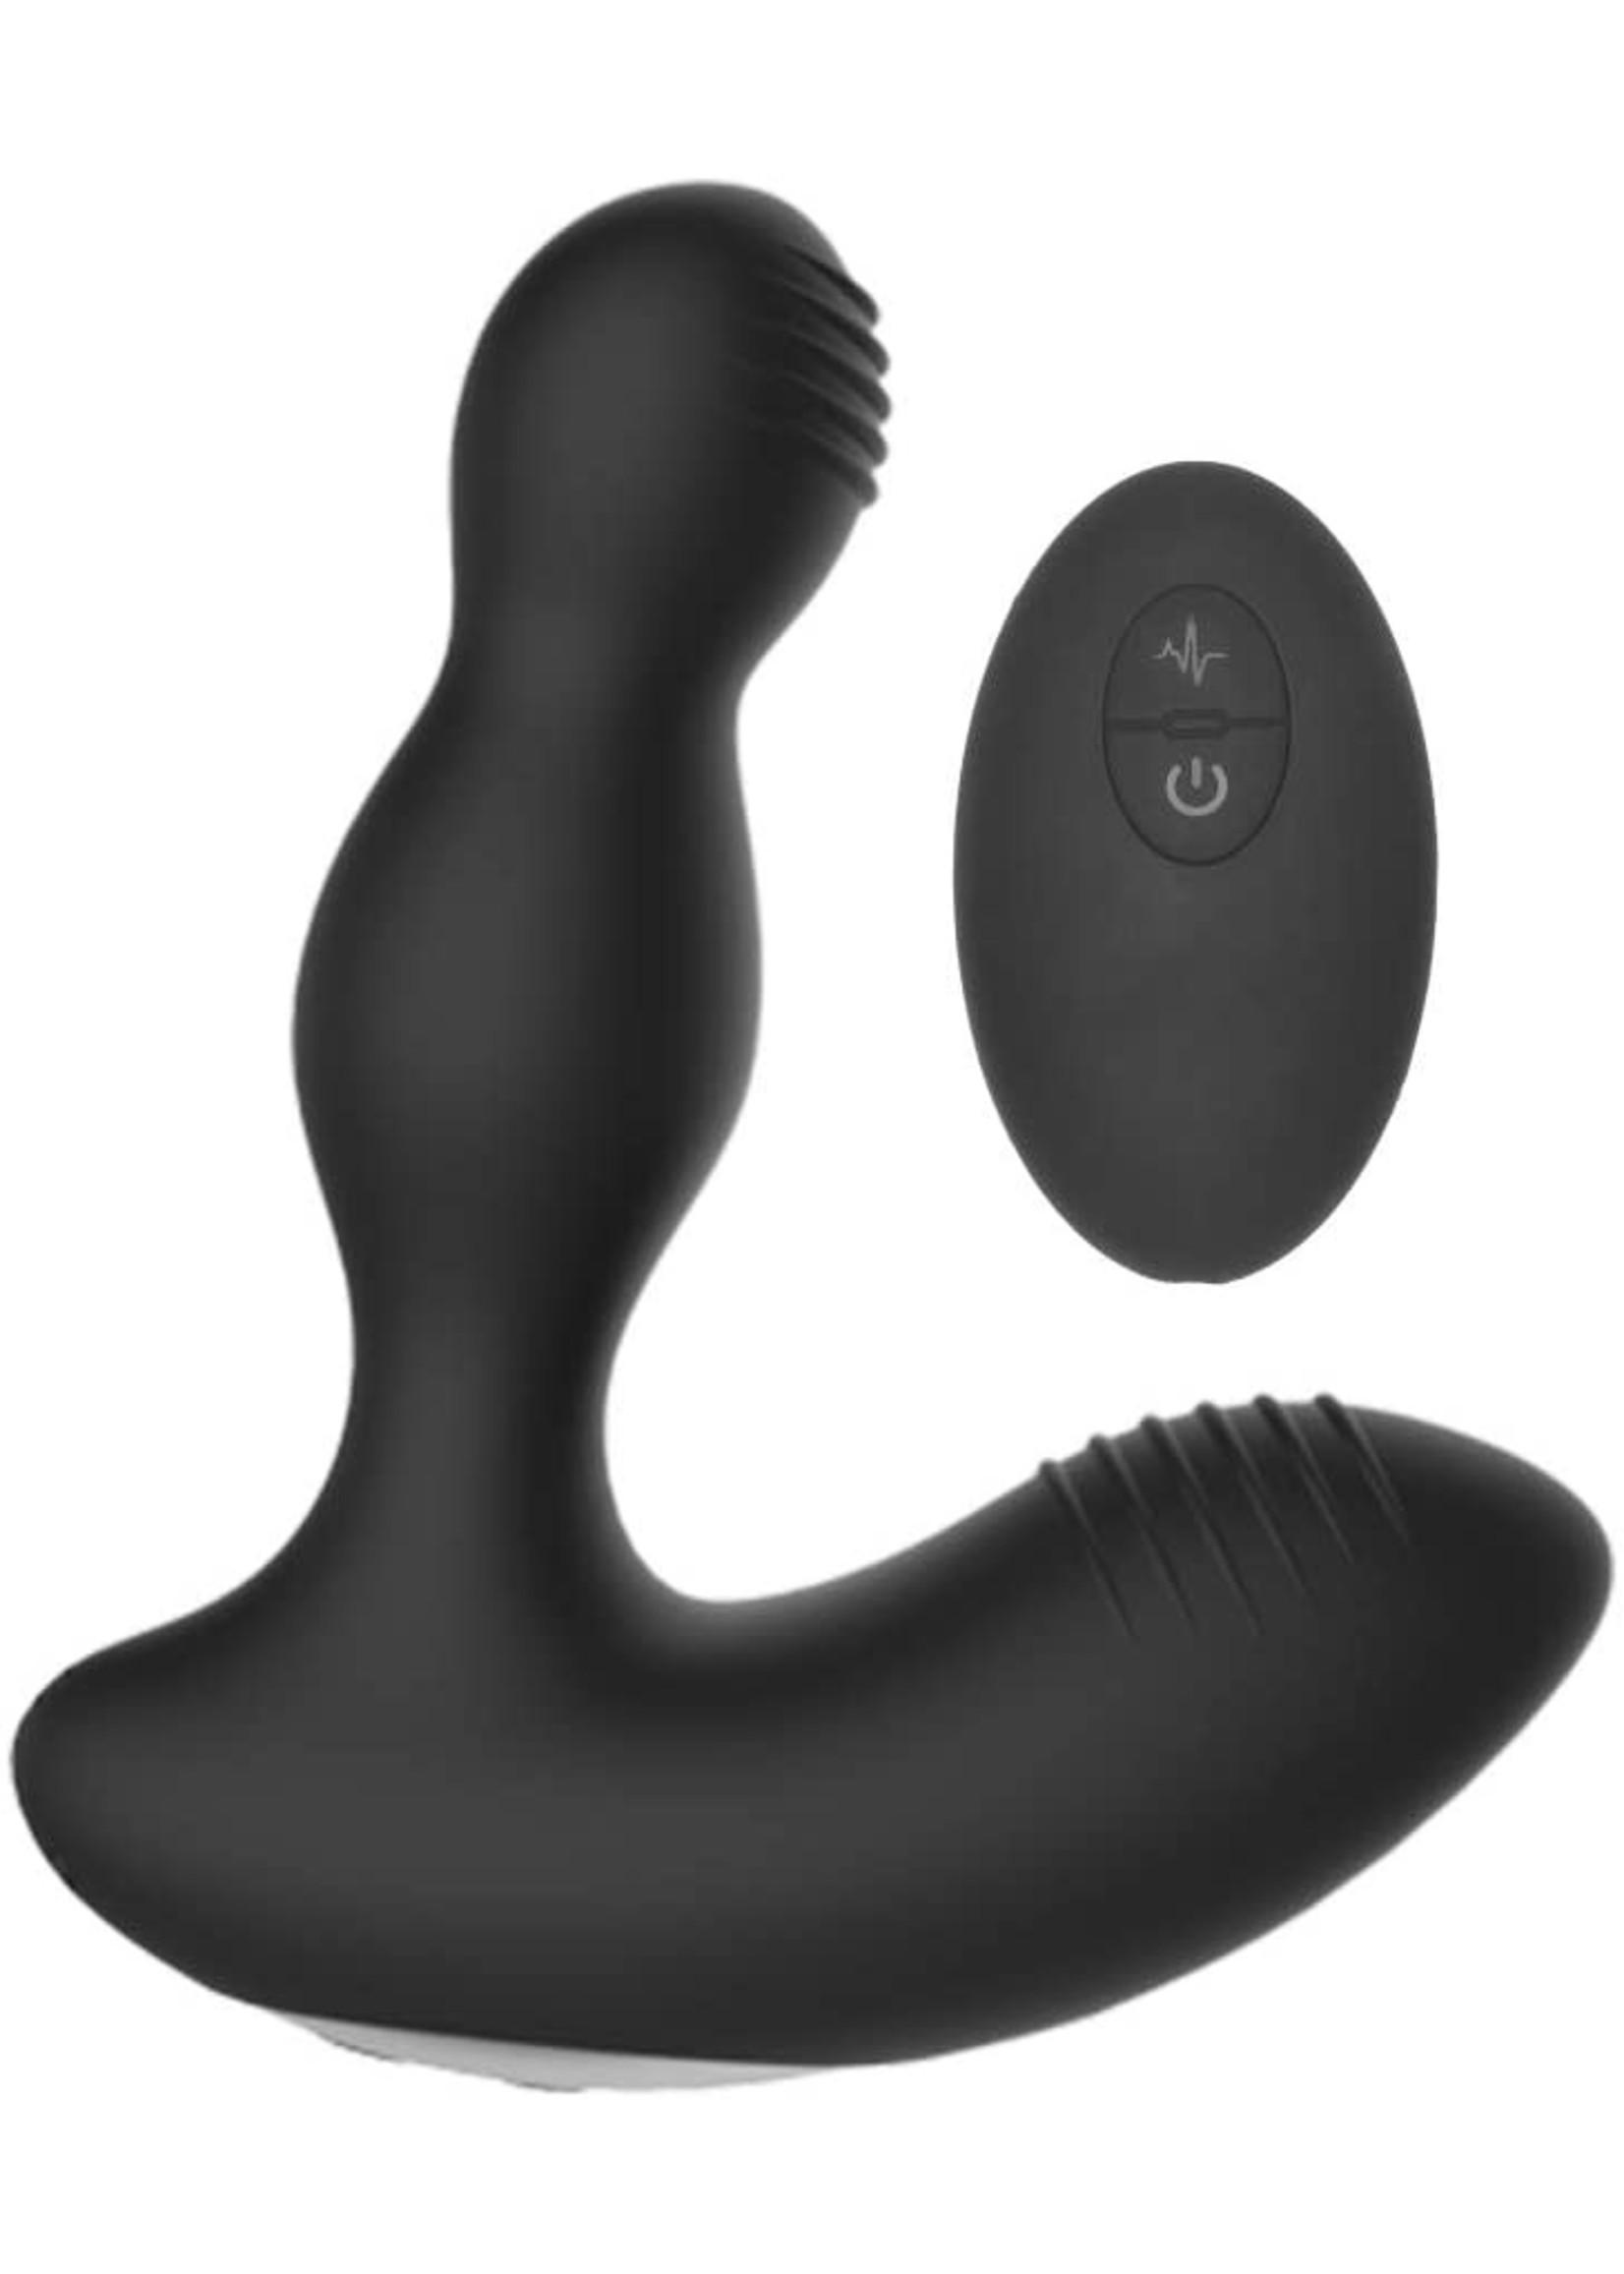 Electroshock Electroshock Remote Controlled Vibrating Prostate Massager Black